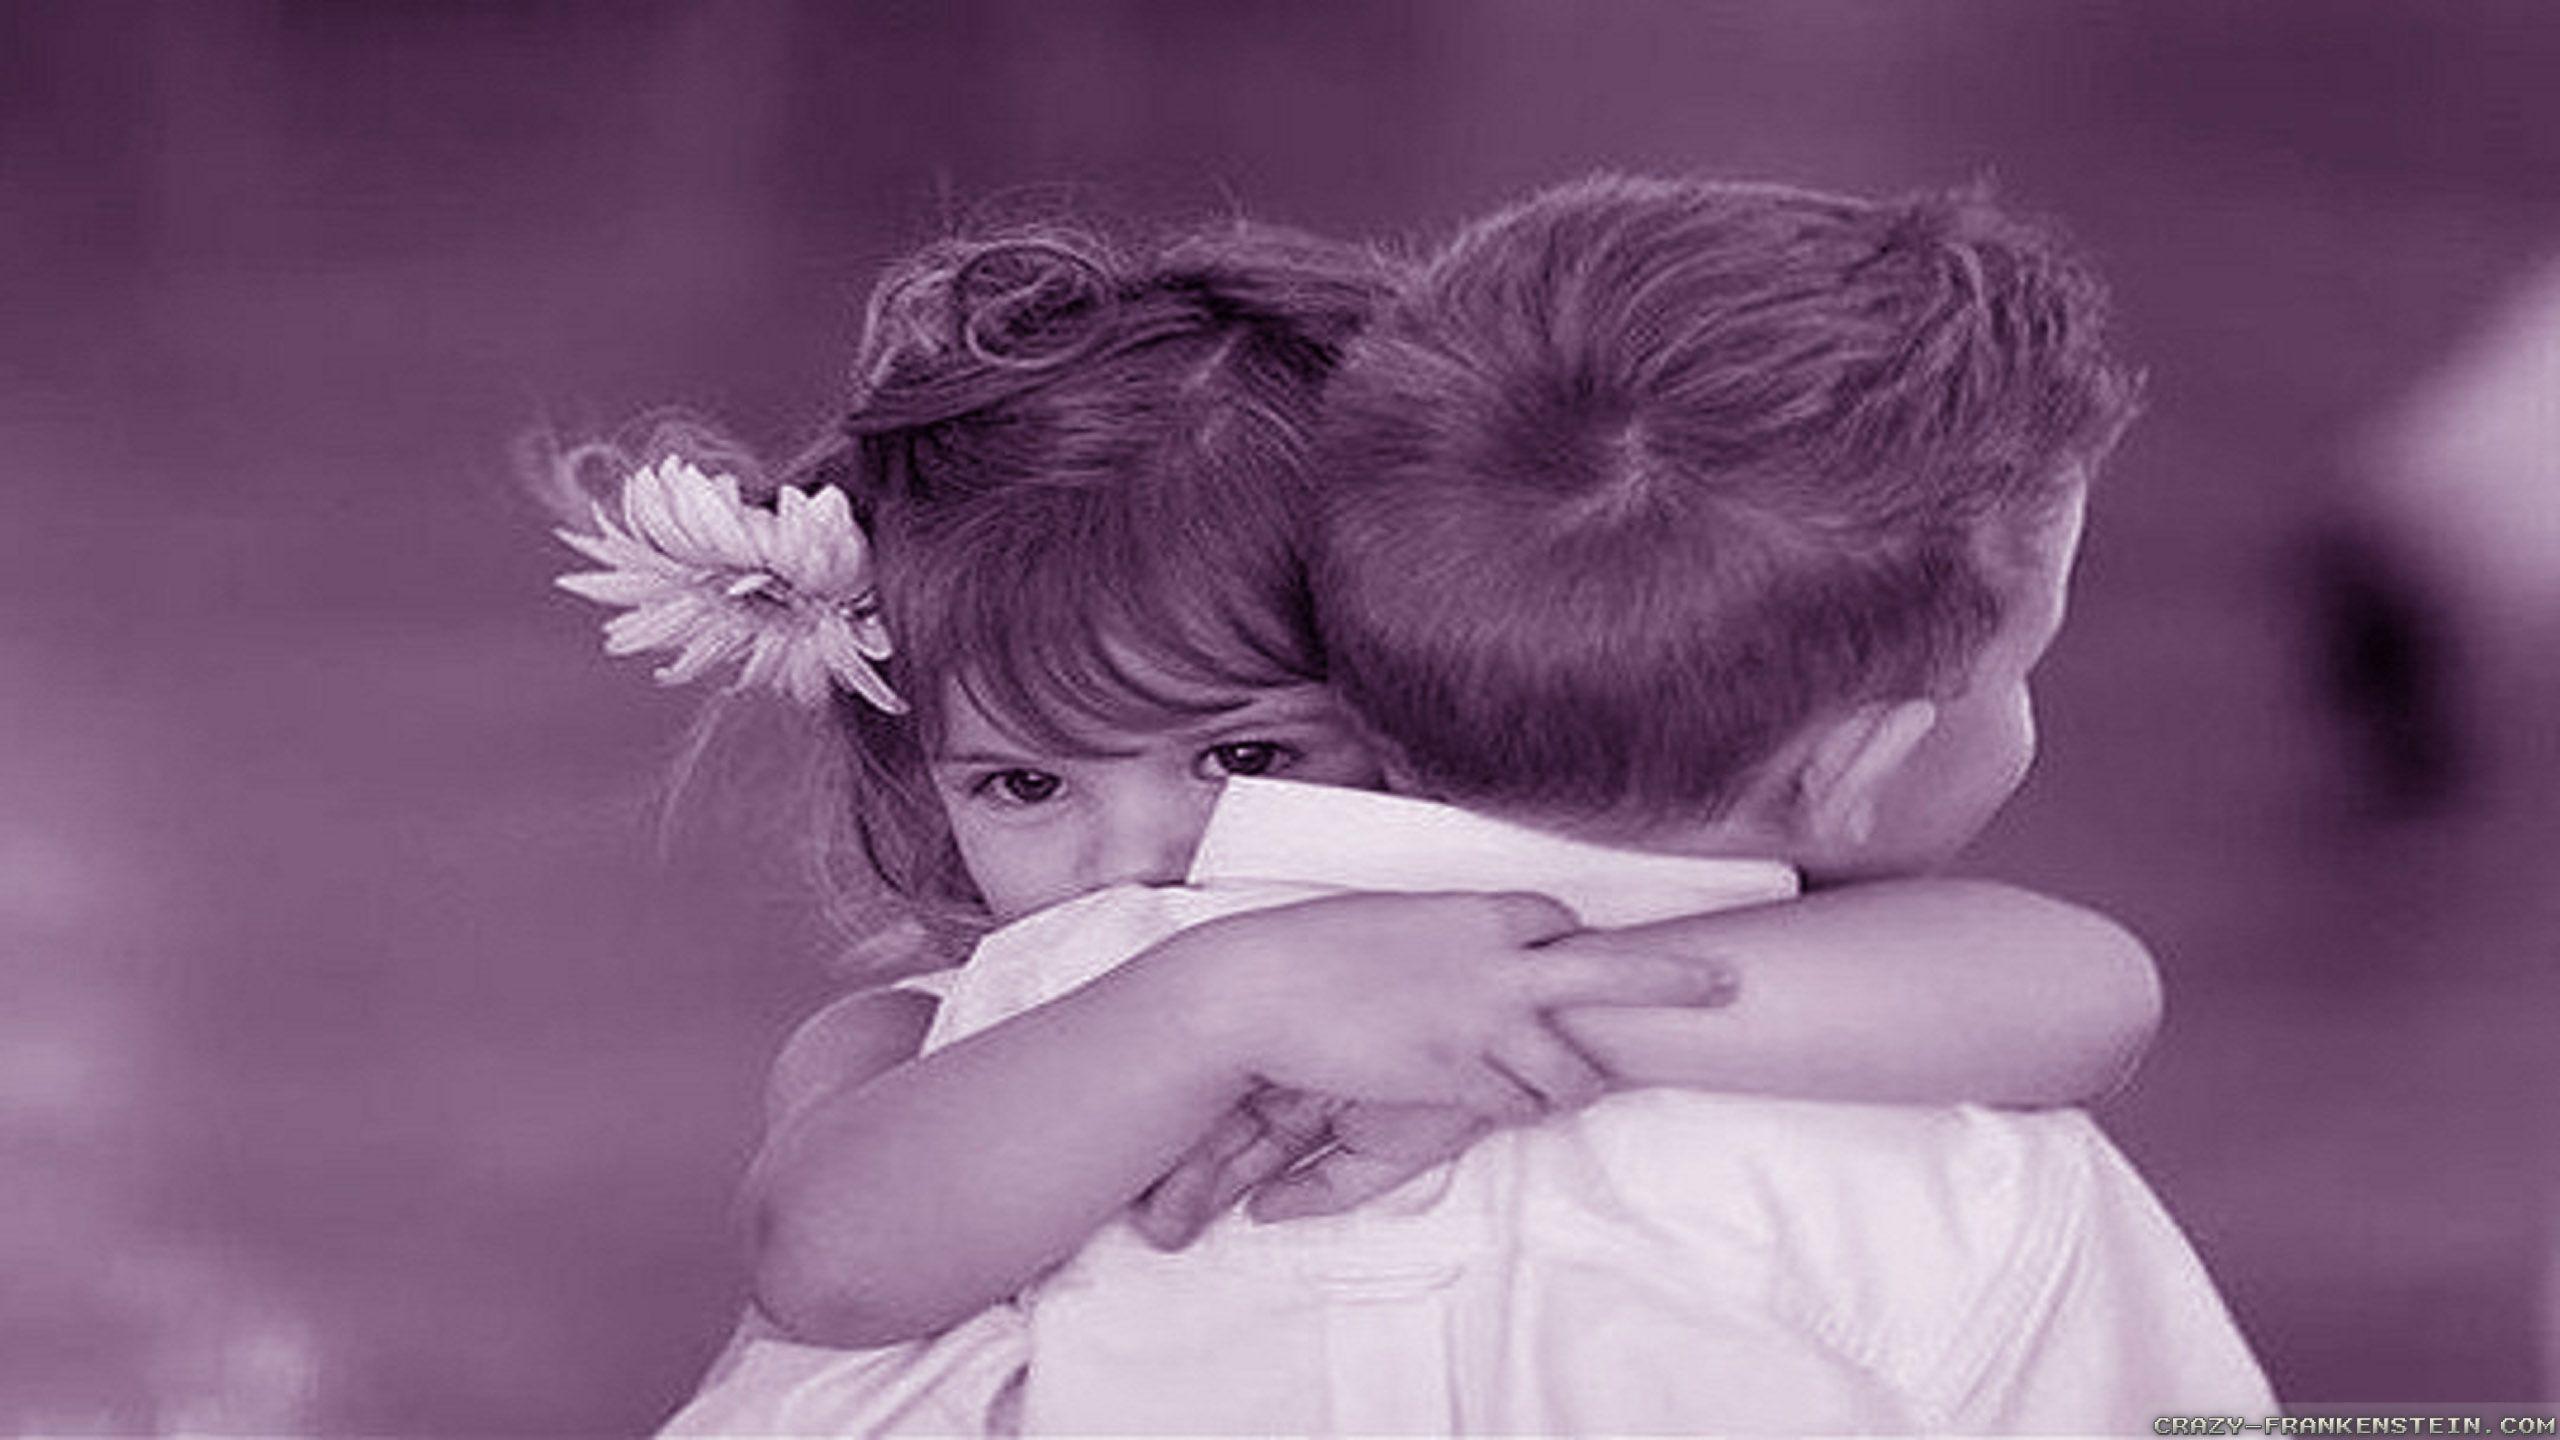 Открытка, картинка с надписью любите друг друга